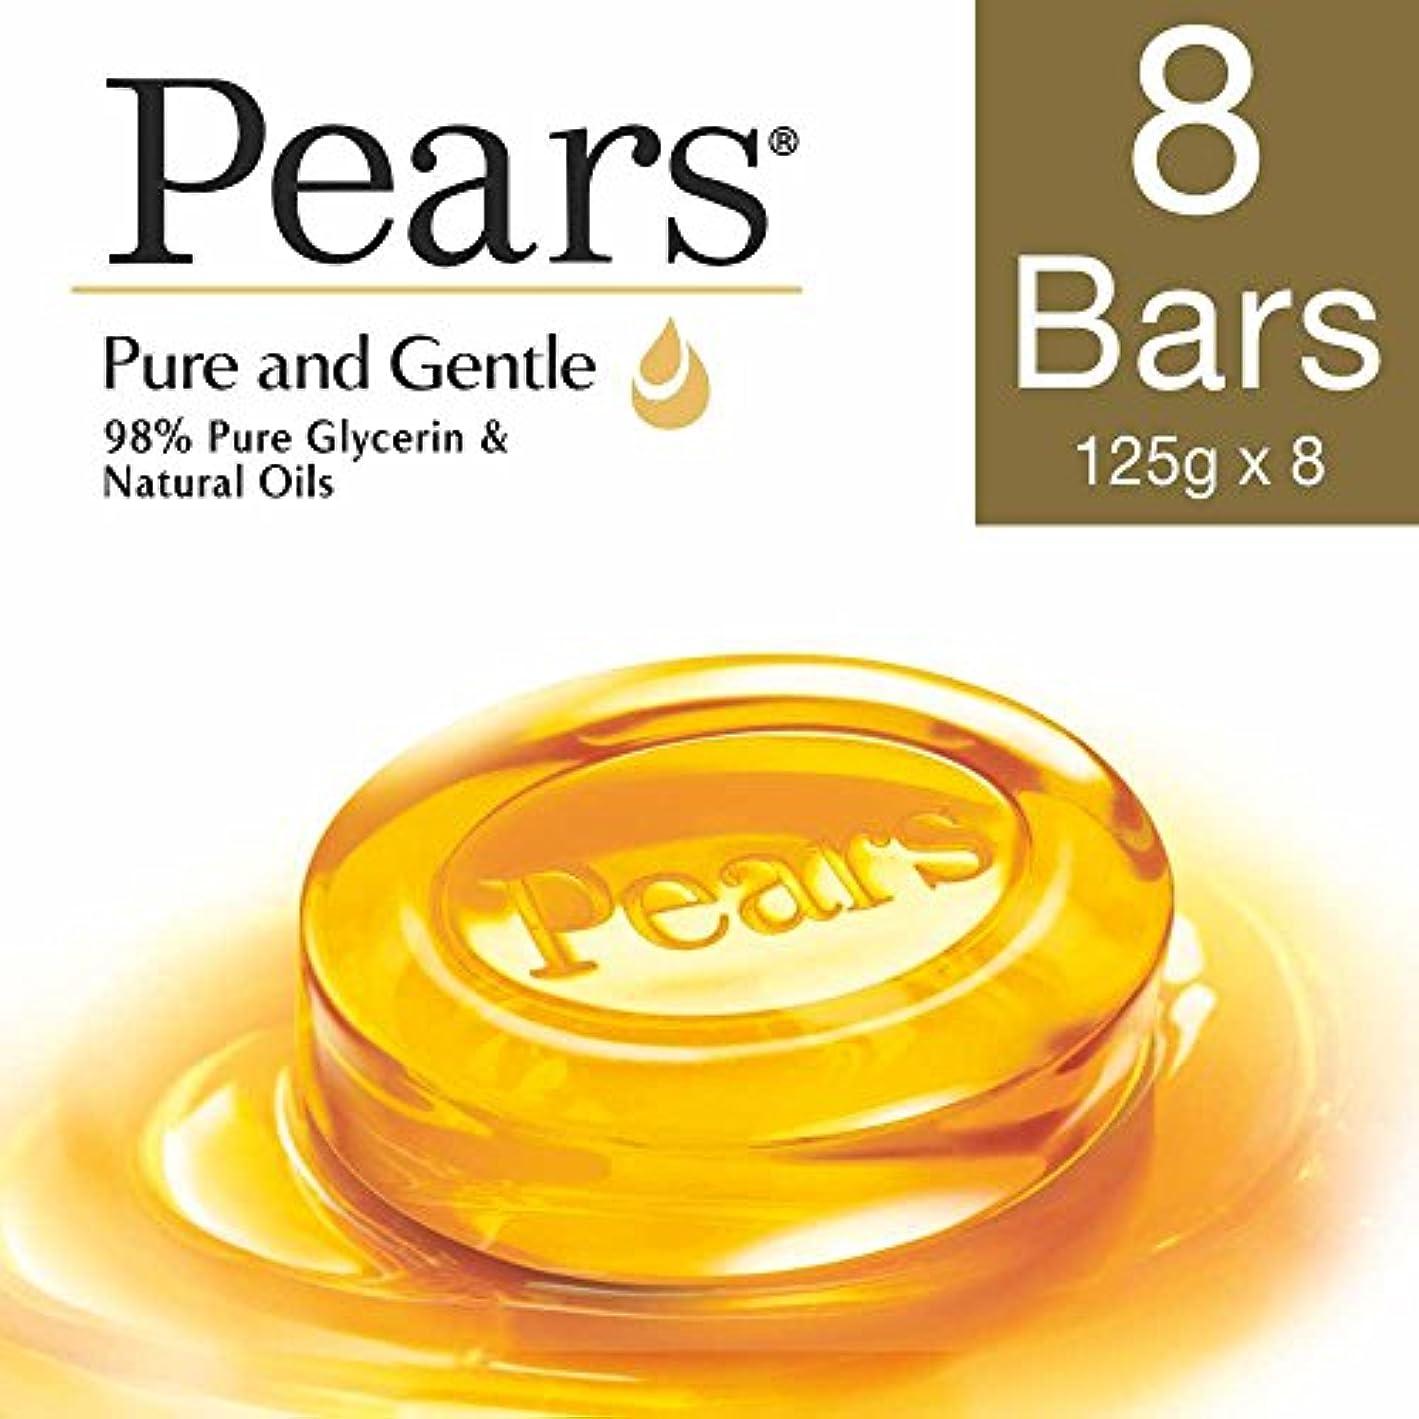 粘土荒涼とした激しいPears Pure And Gentle Bathing Bar, 125g (Pack Of 8)